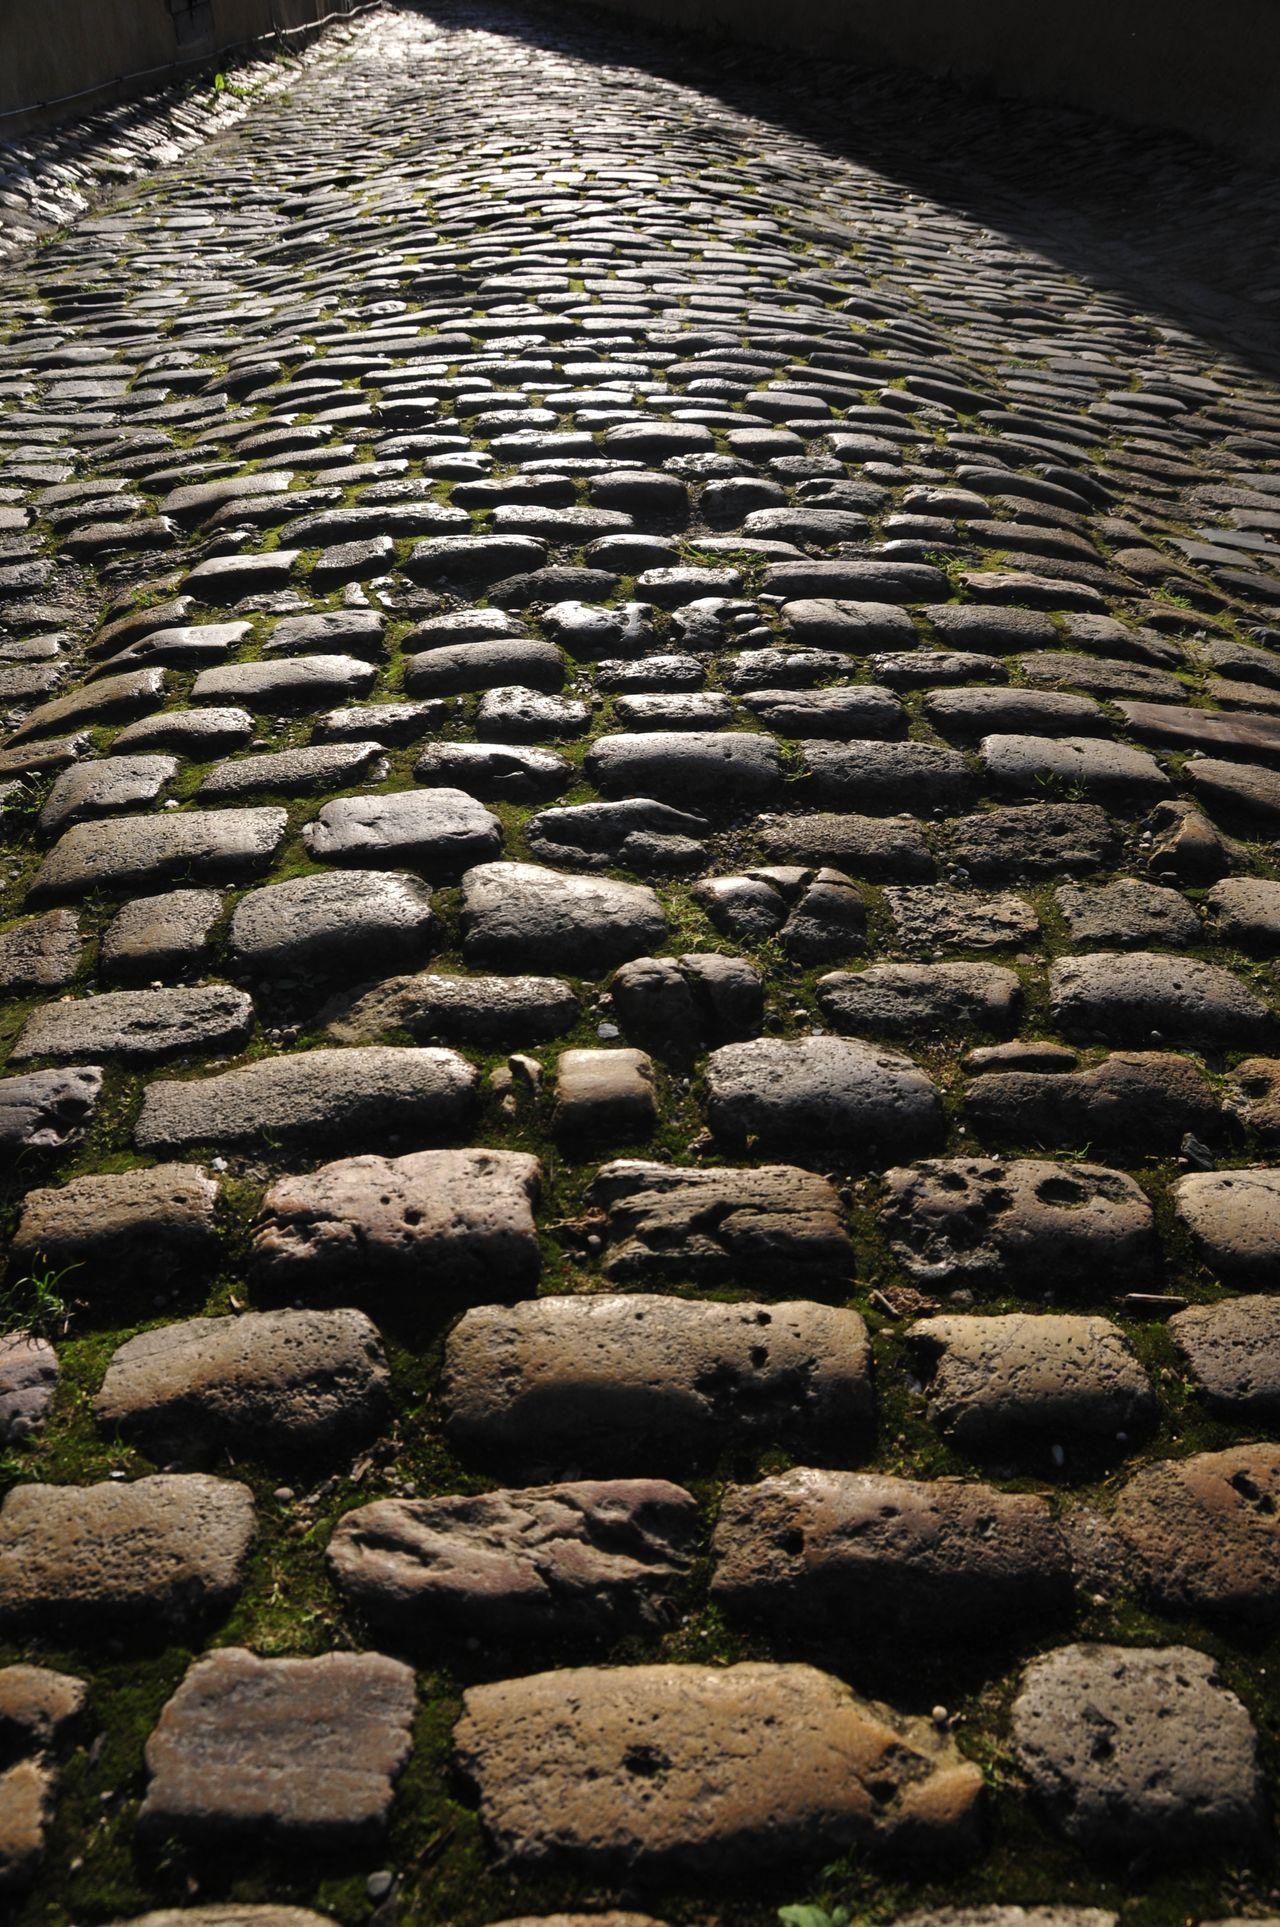 Weg Stein Pflaster Pflasterstein Straße Gasse Street Road Gasse Stone Alley Paving Stone Street Way